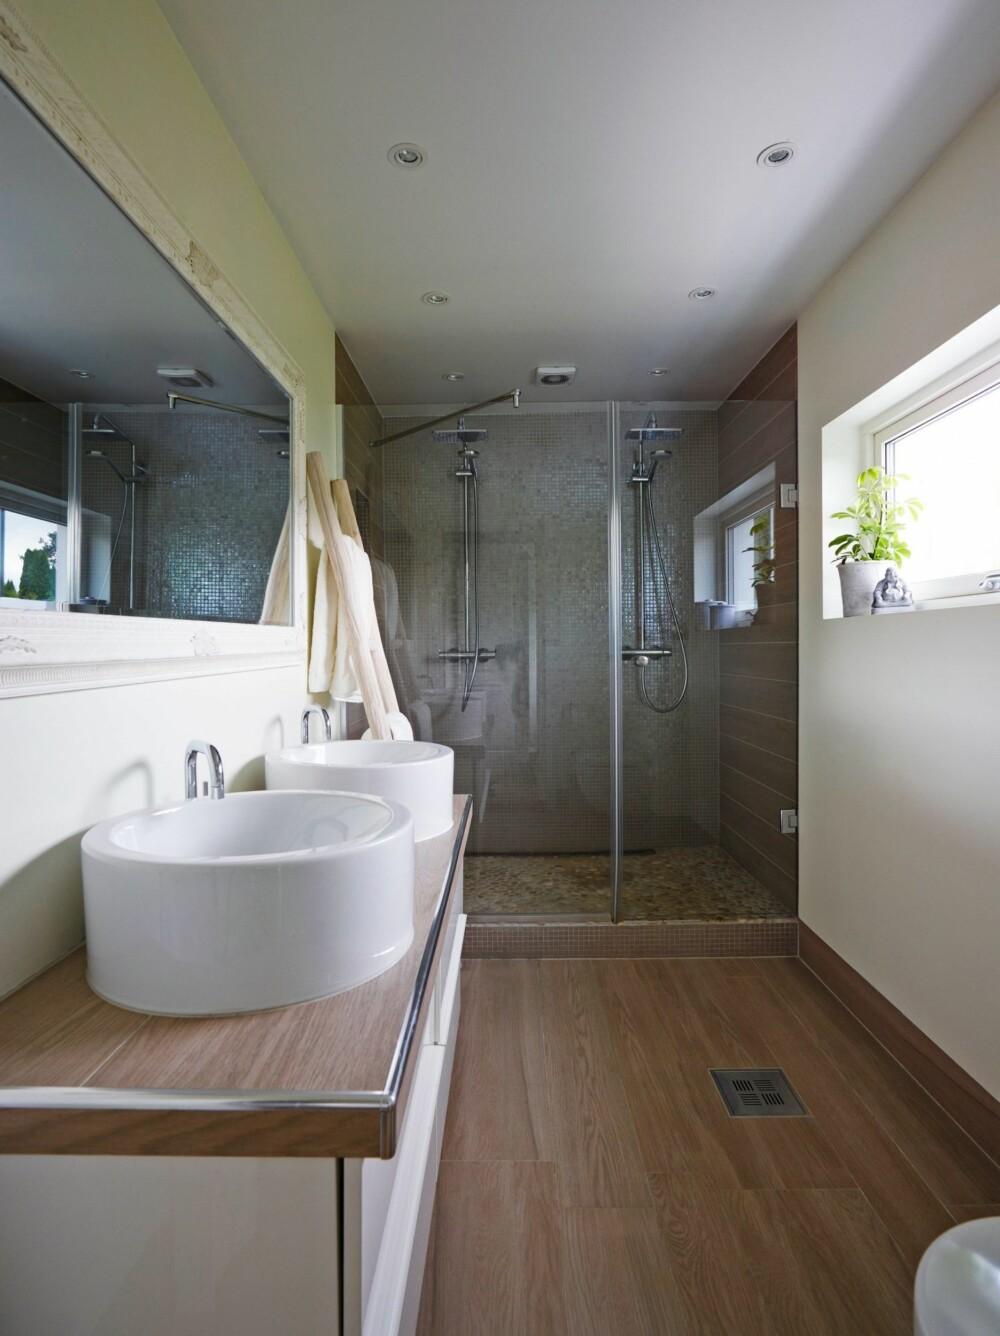 POPULÆRT PÅ INSTAGRAM: Badet til Carina fikk flest stemmer og stakk av med førstepremien i en konkurranse i regi av nettstedet vakrerom.no på Instagram. Vaskene er bestilt fra Design4home, mens flisene på gulvet er Marazzi i fargen Cappucino fra Modena. De samme flisene er lagt som benkeplate på baderomsskapet fra Ikea. Rullsteinsflisene i dusjen er fra Fagflis, mens mosaikkflisene er kjøpt hos Bergersen Flis.